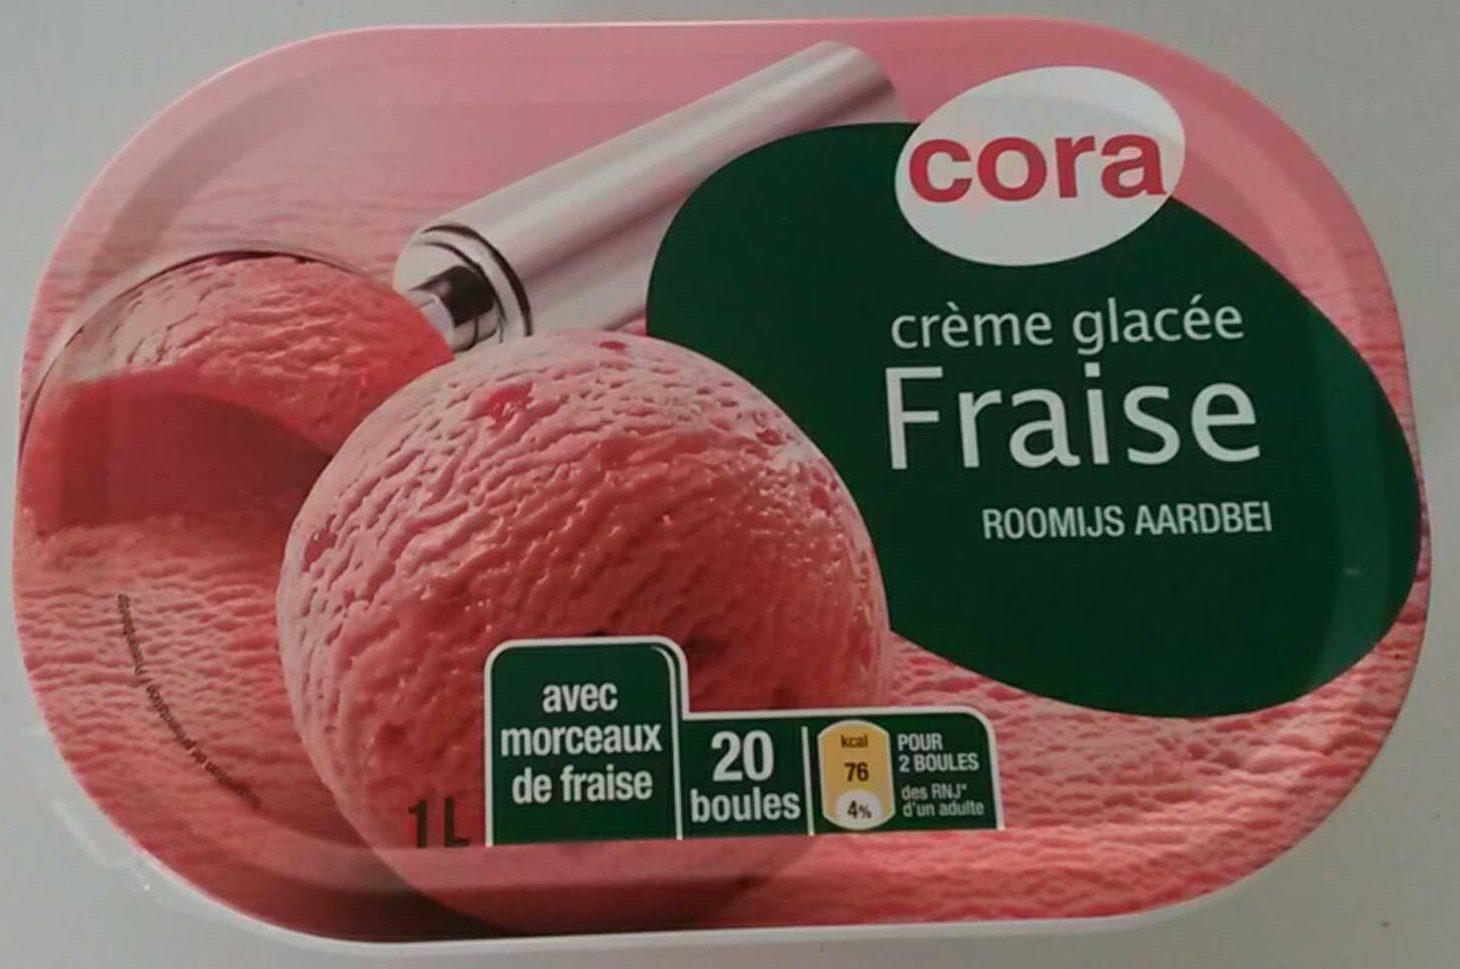 Crème glacée Fraise - Produit